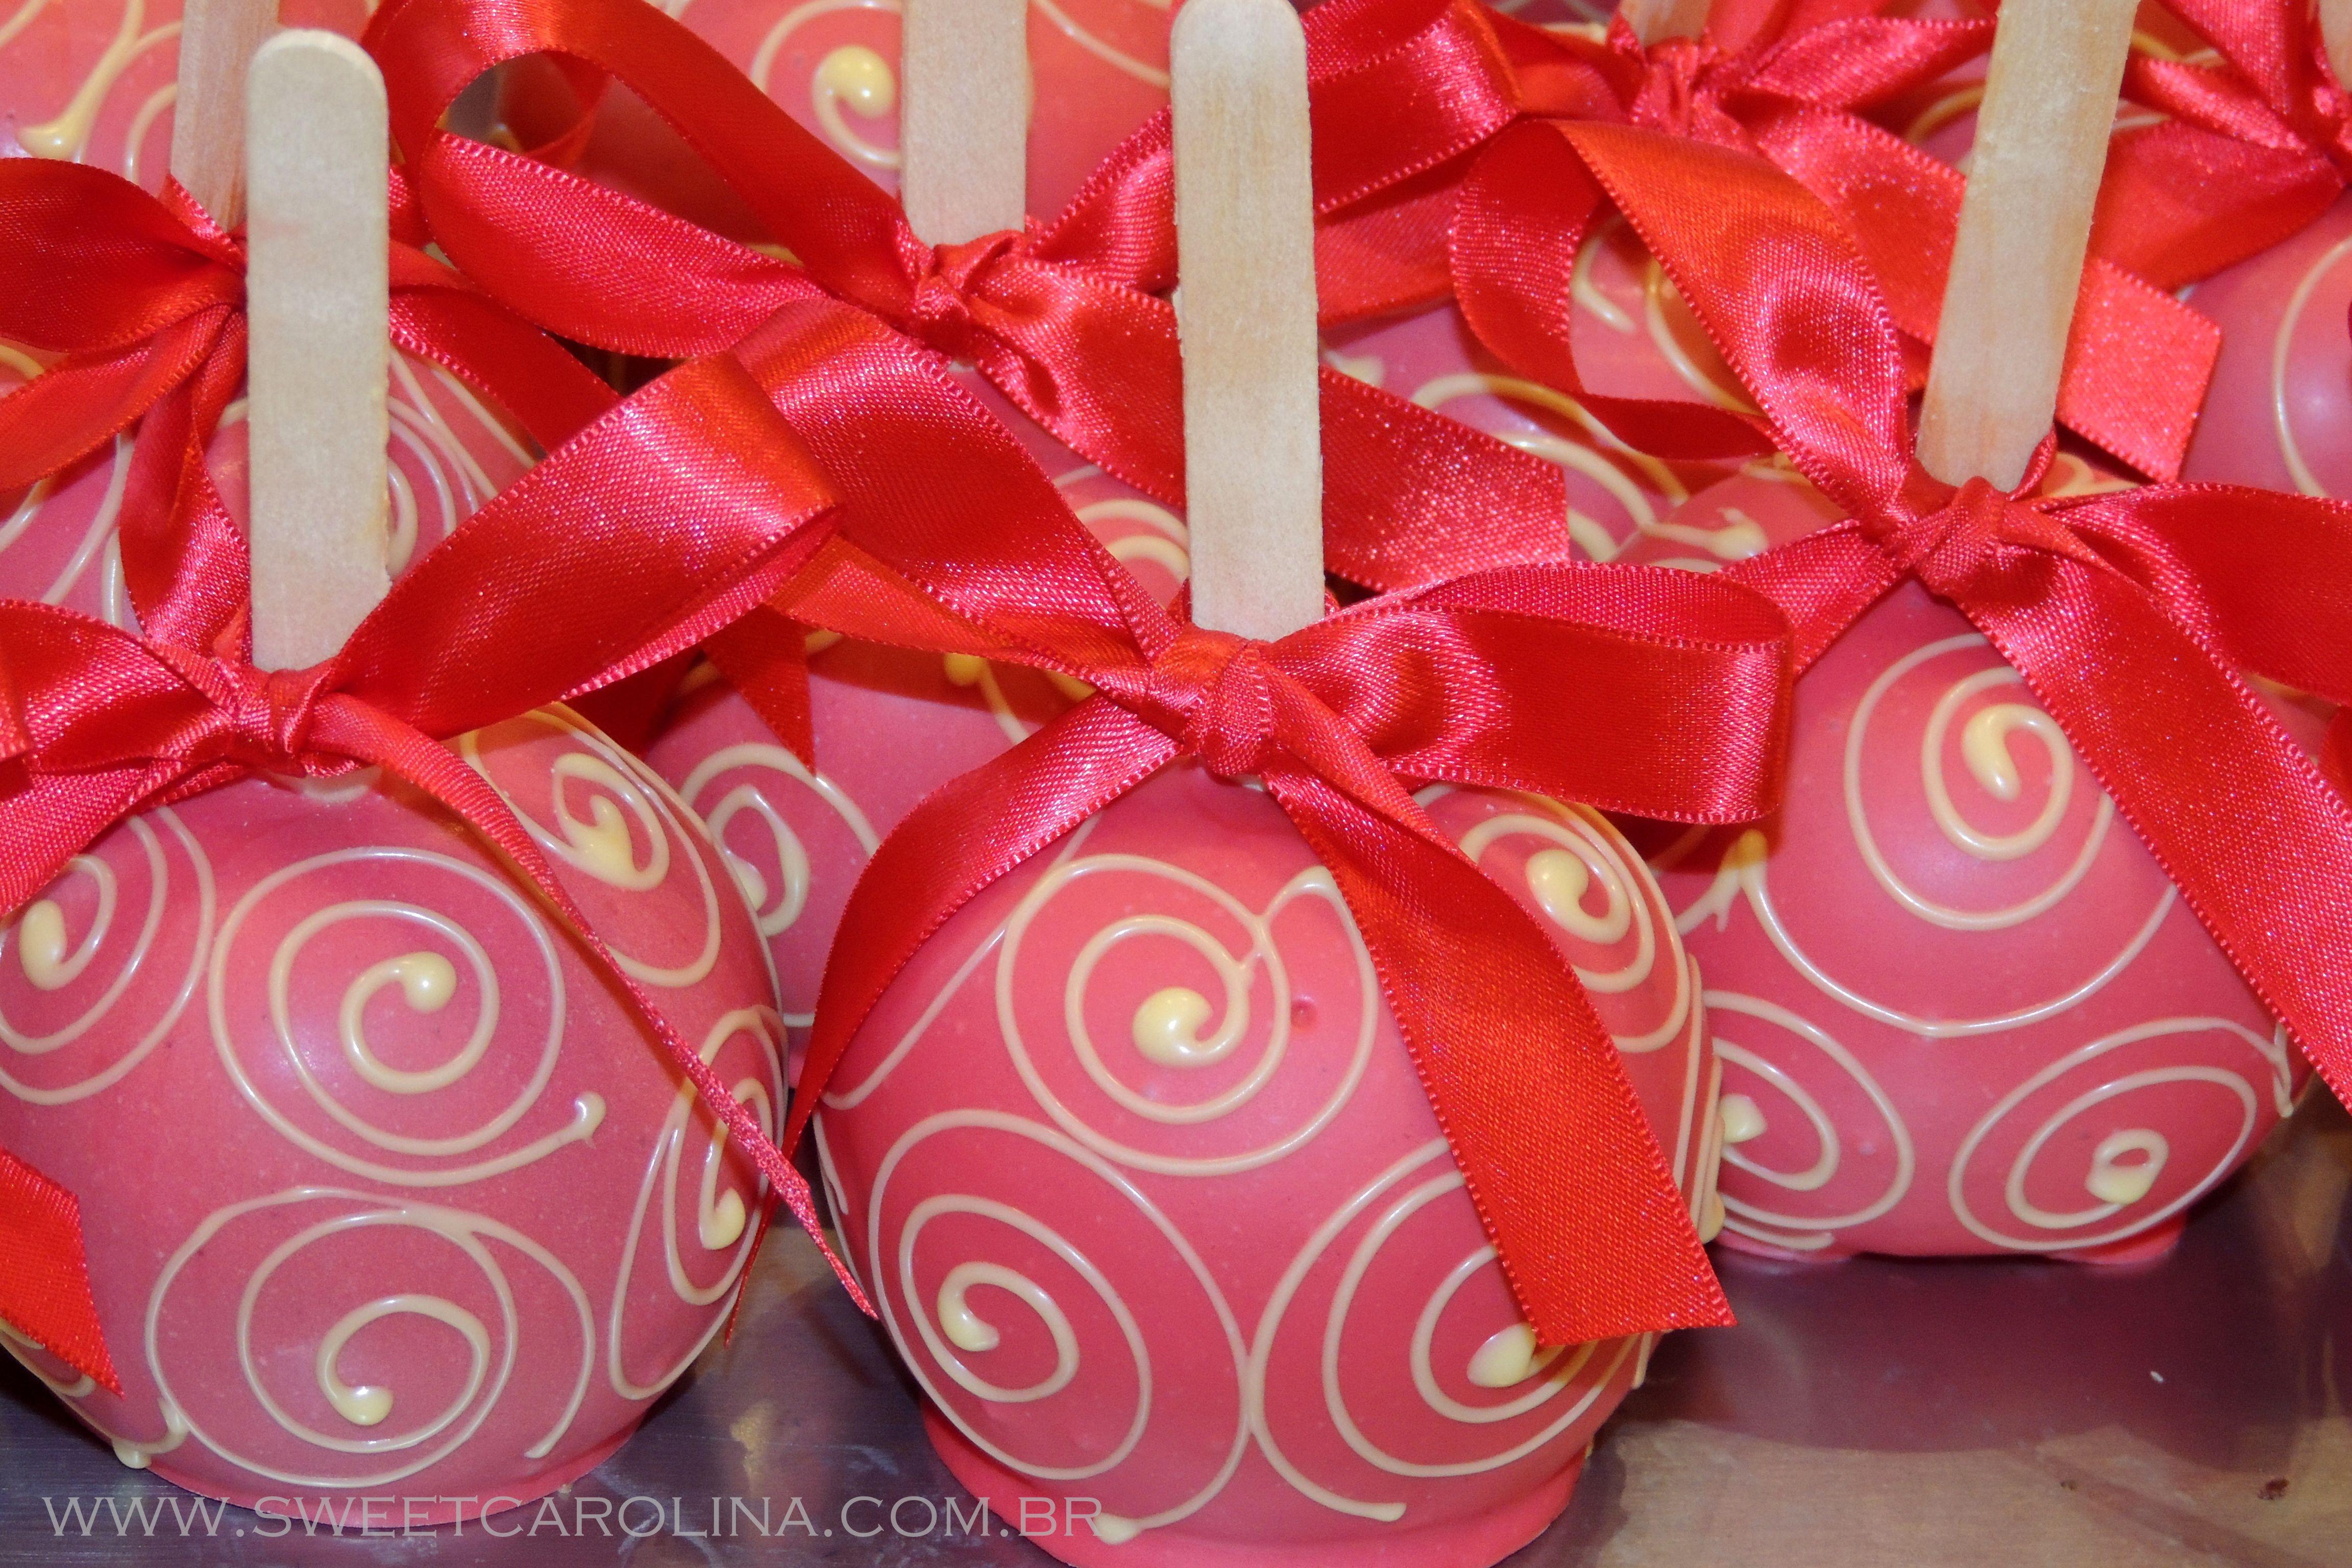 Maças do Amor vermelhas! | Maças do Amor | Pinterest | Candy apples ...